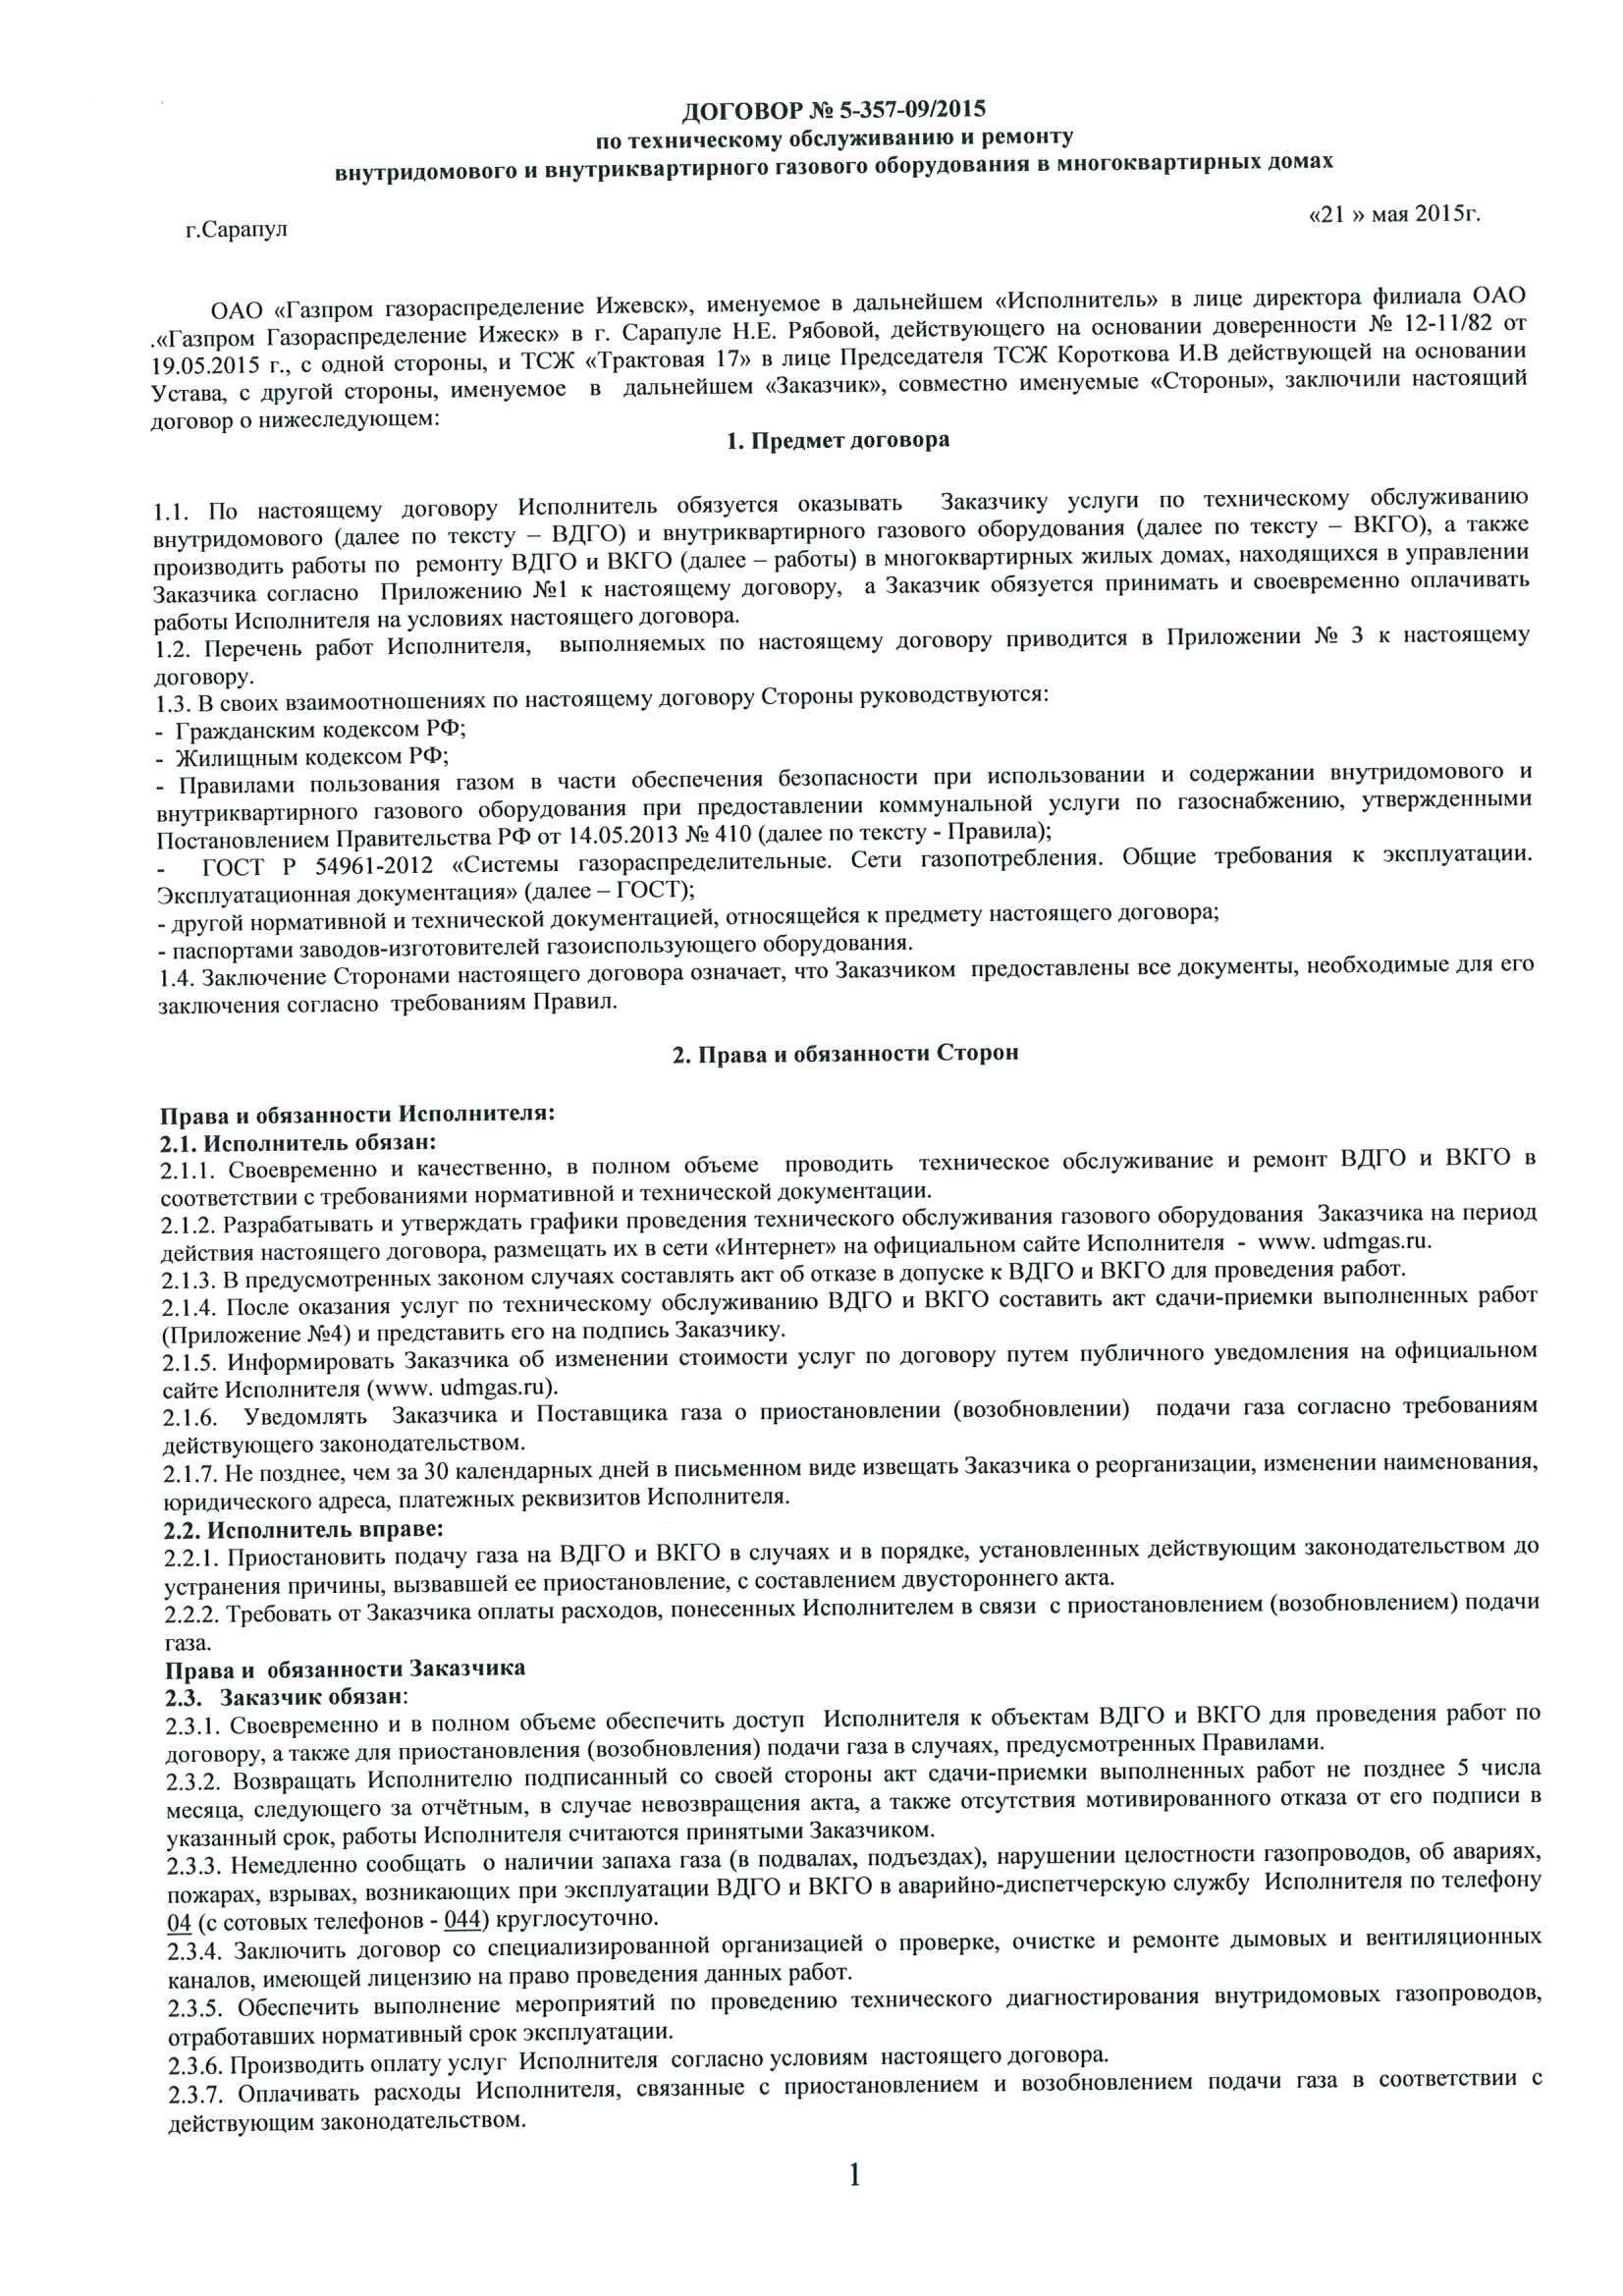 Заключение договорато газового обслуживания